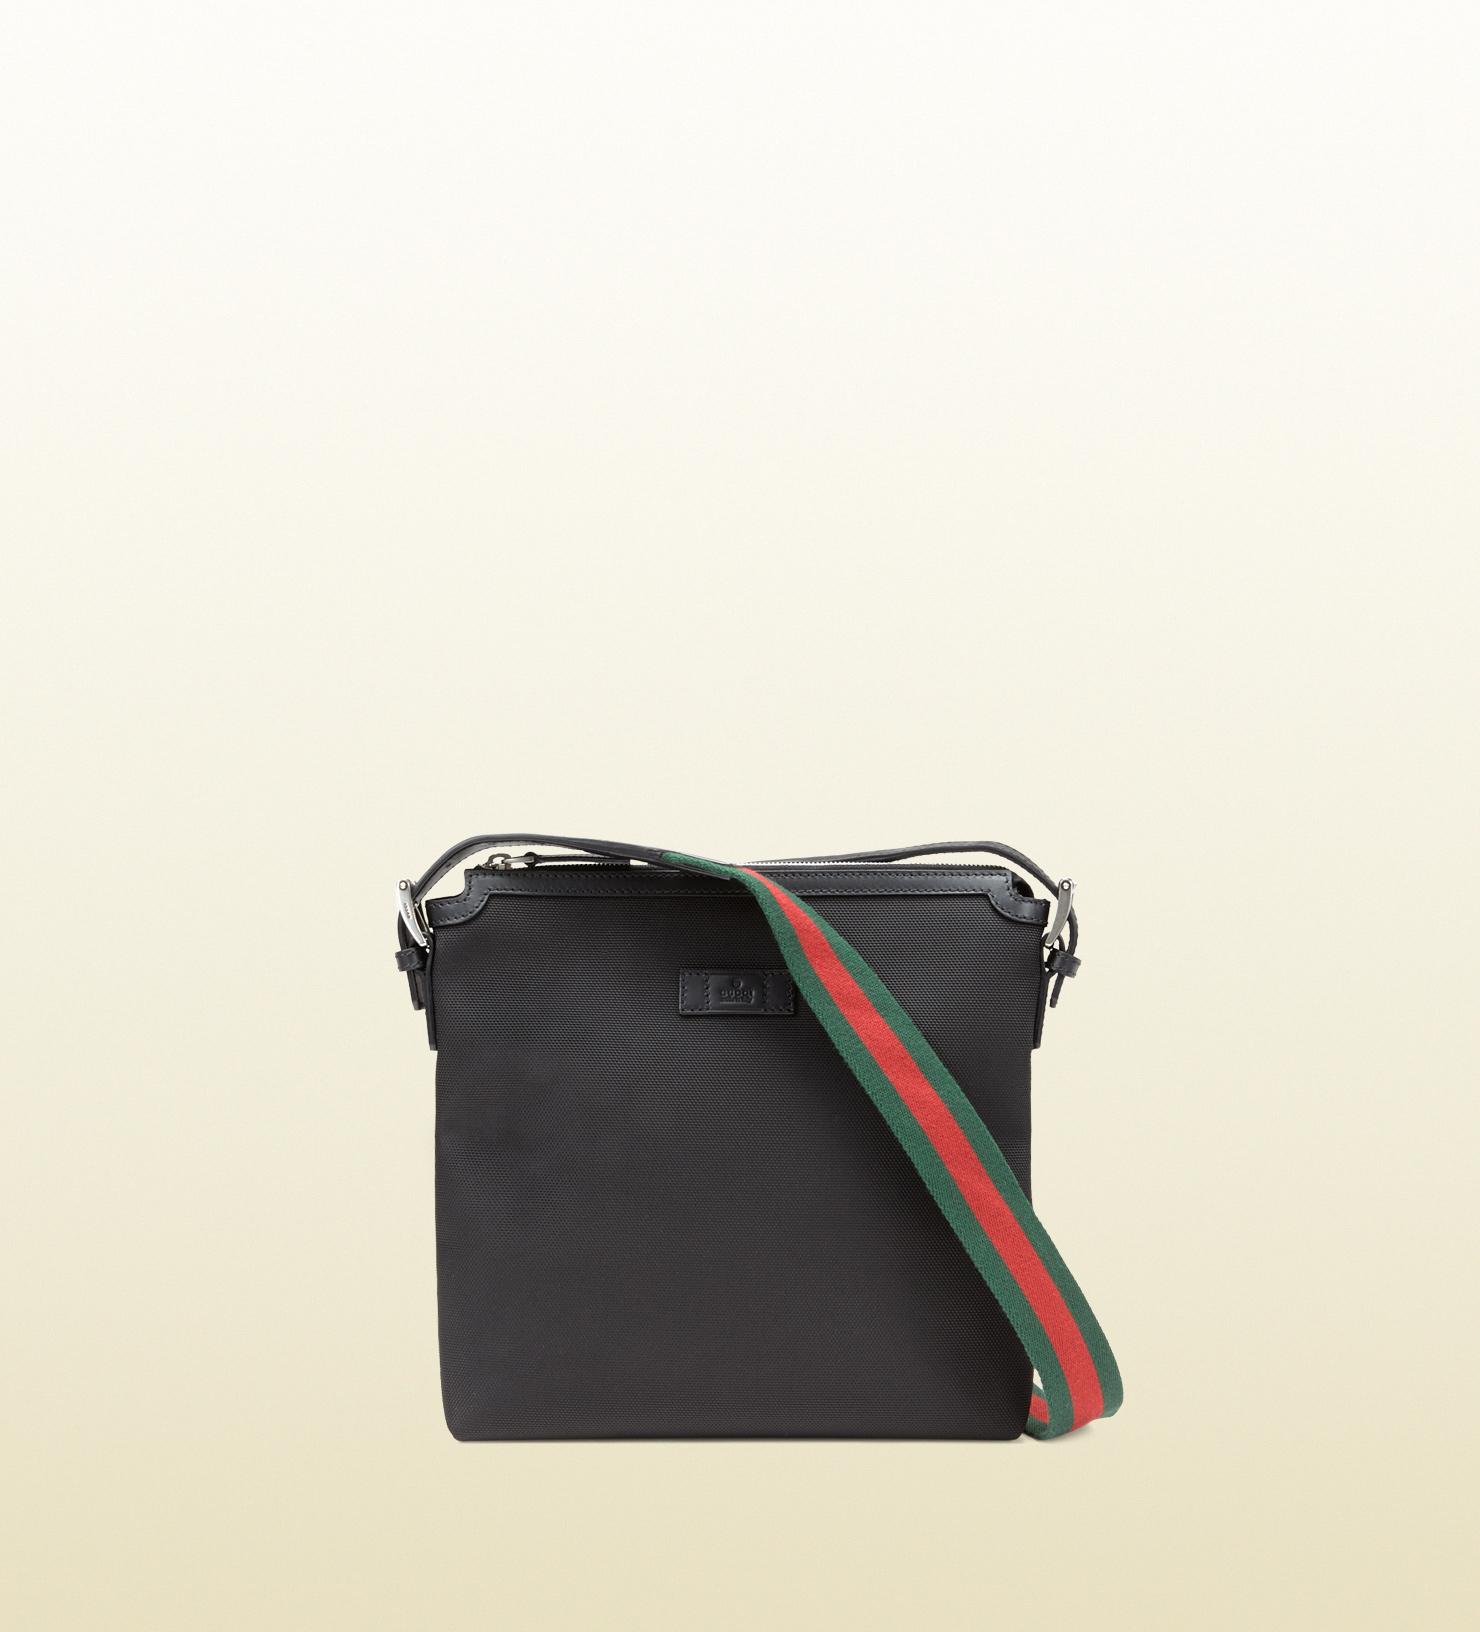 e5375c2c5 Gucci Techno Canvas Messenger Bag in Black for Men - Lyst